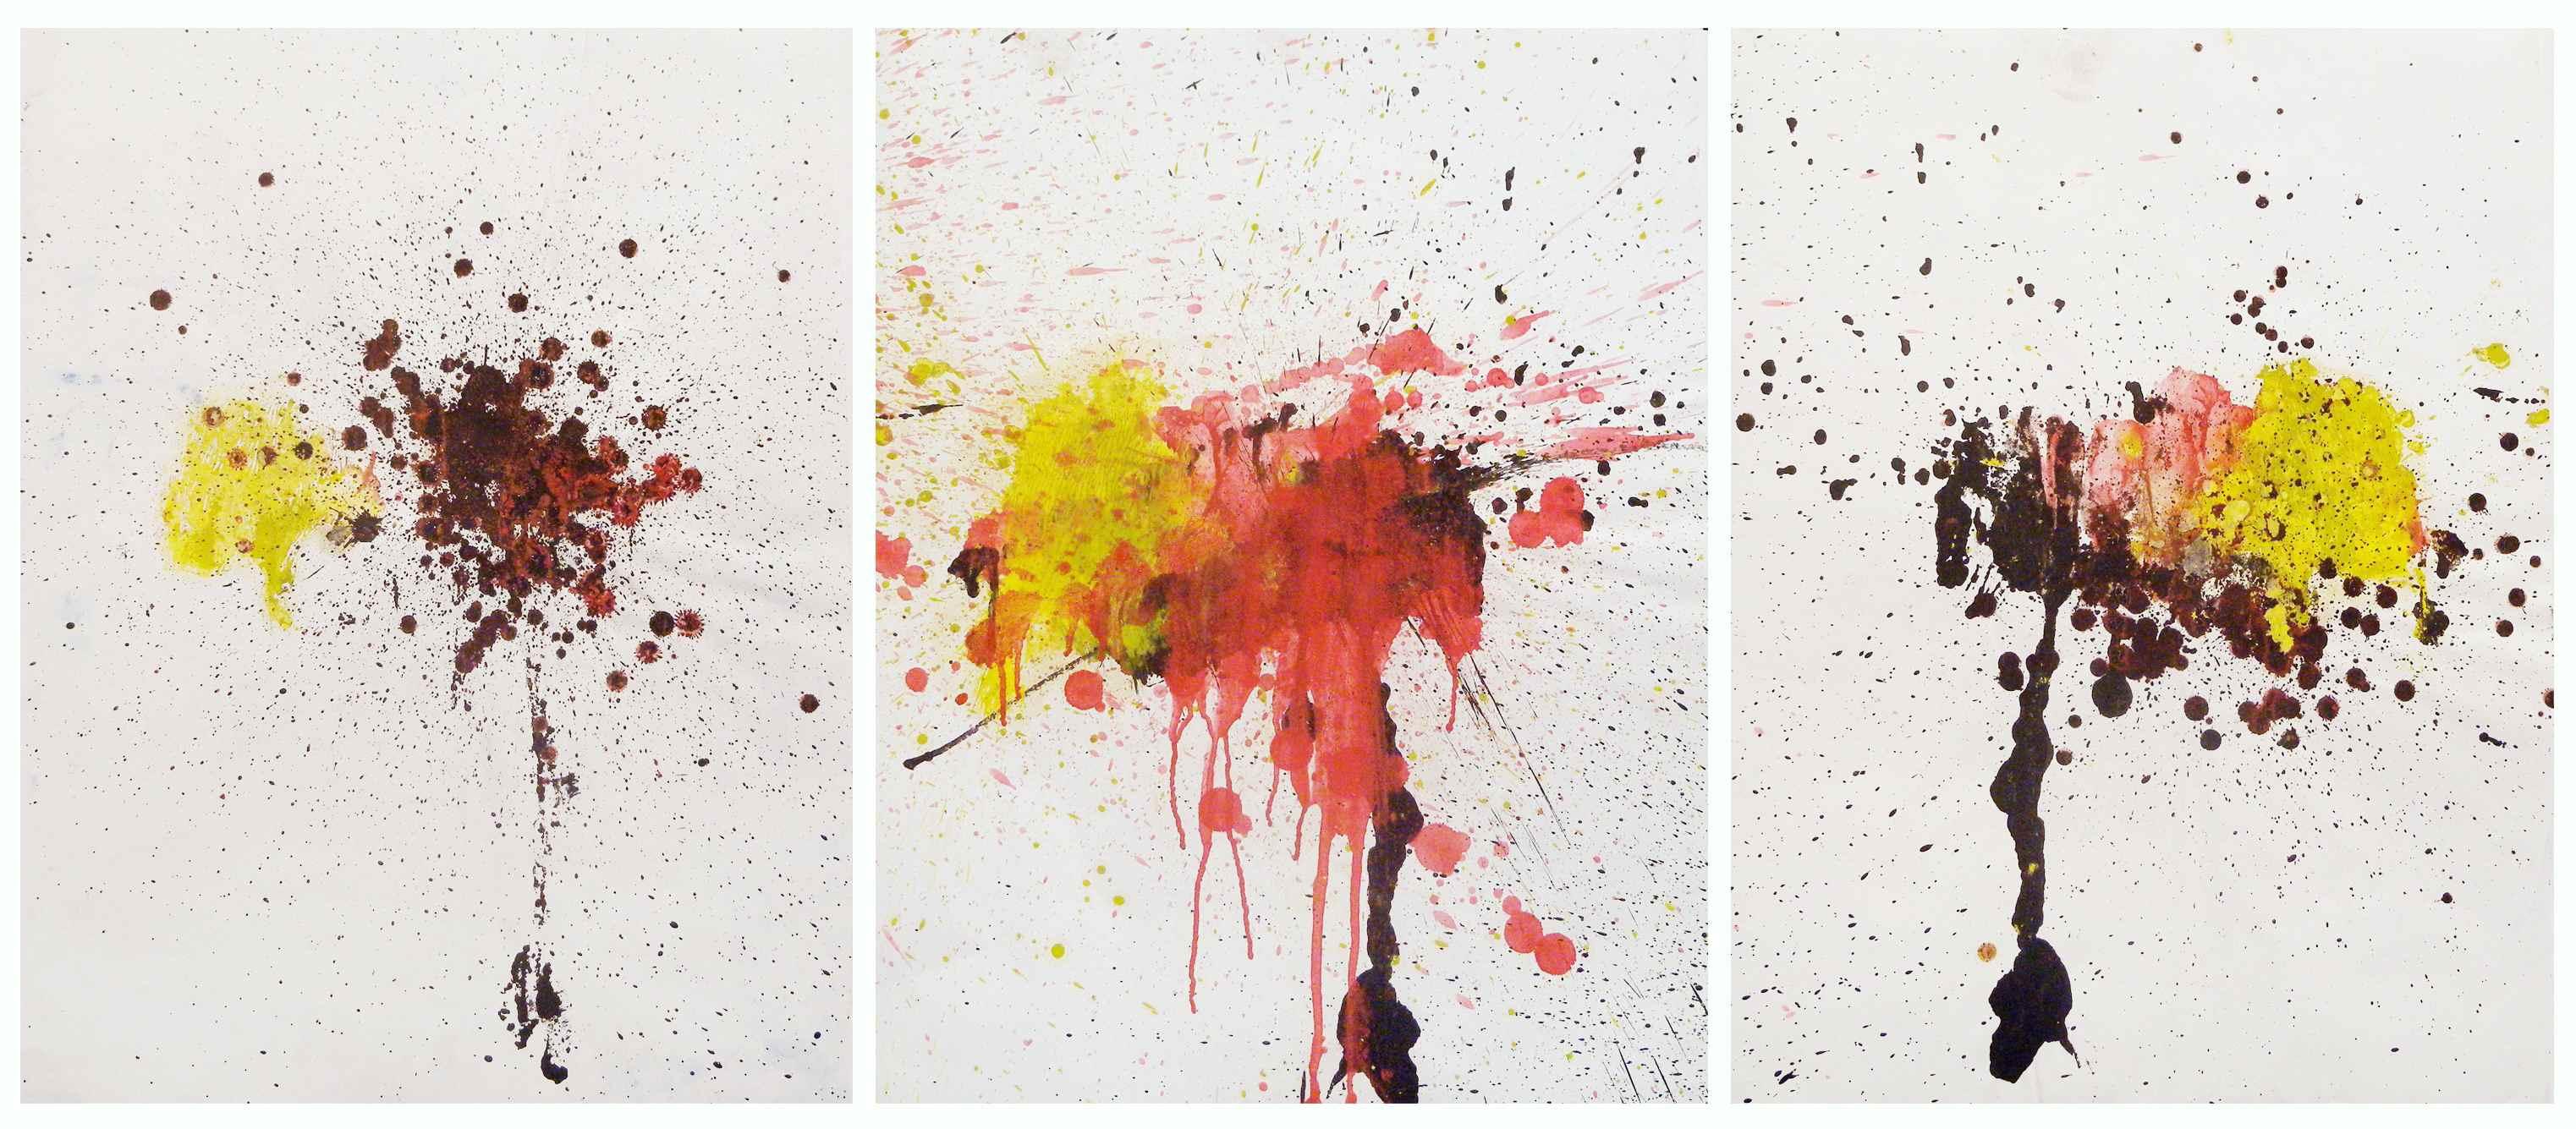 MARC FELD 2010 SANS TITRE Huile sur papier 150 x 65 cm